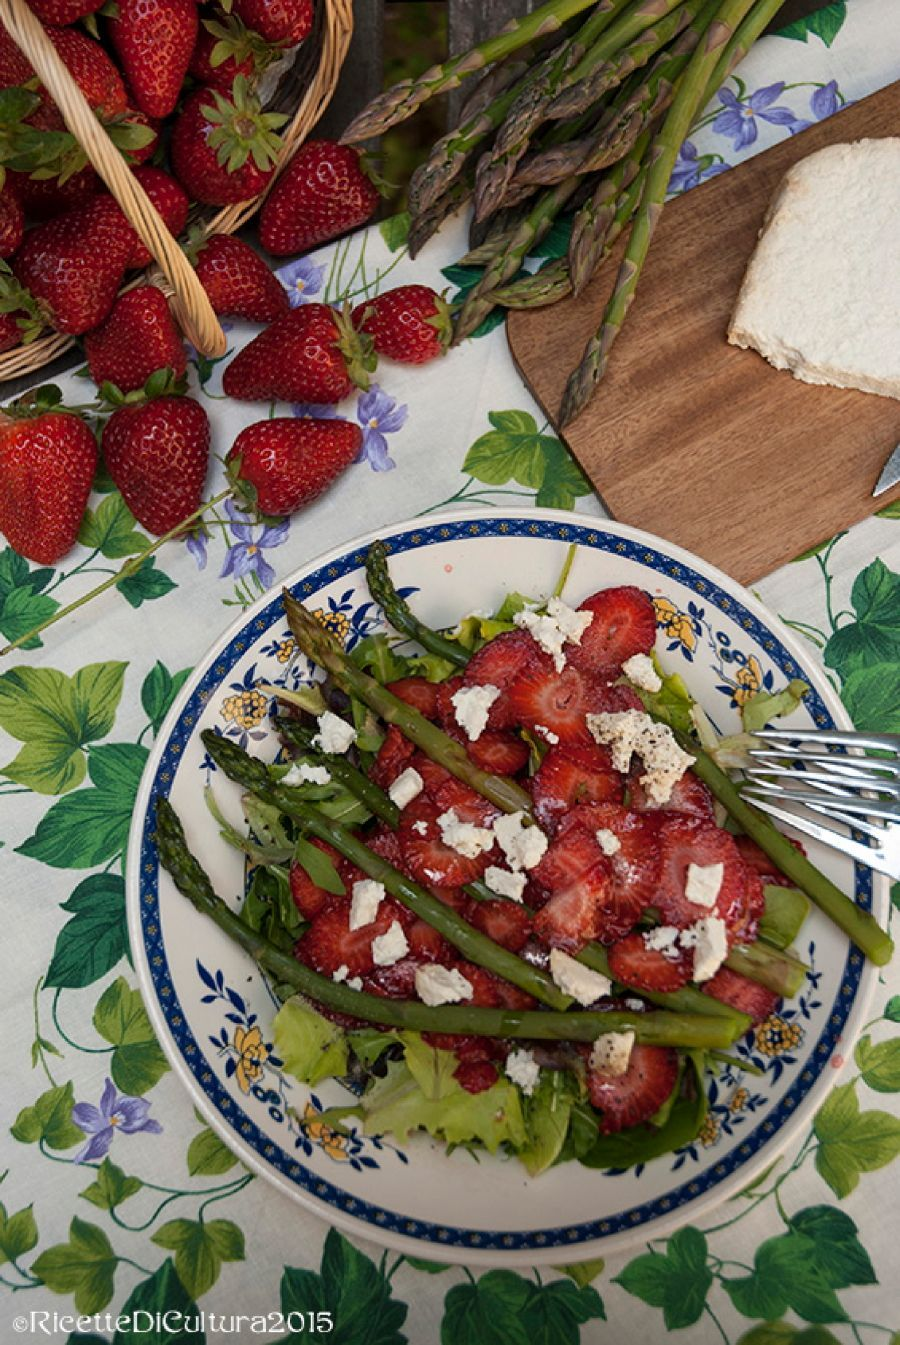 insalata asparagi e fragole_1_zps3onn7o39